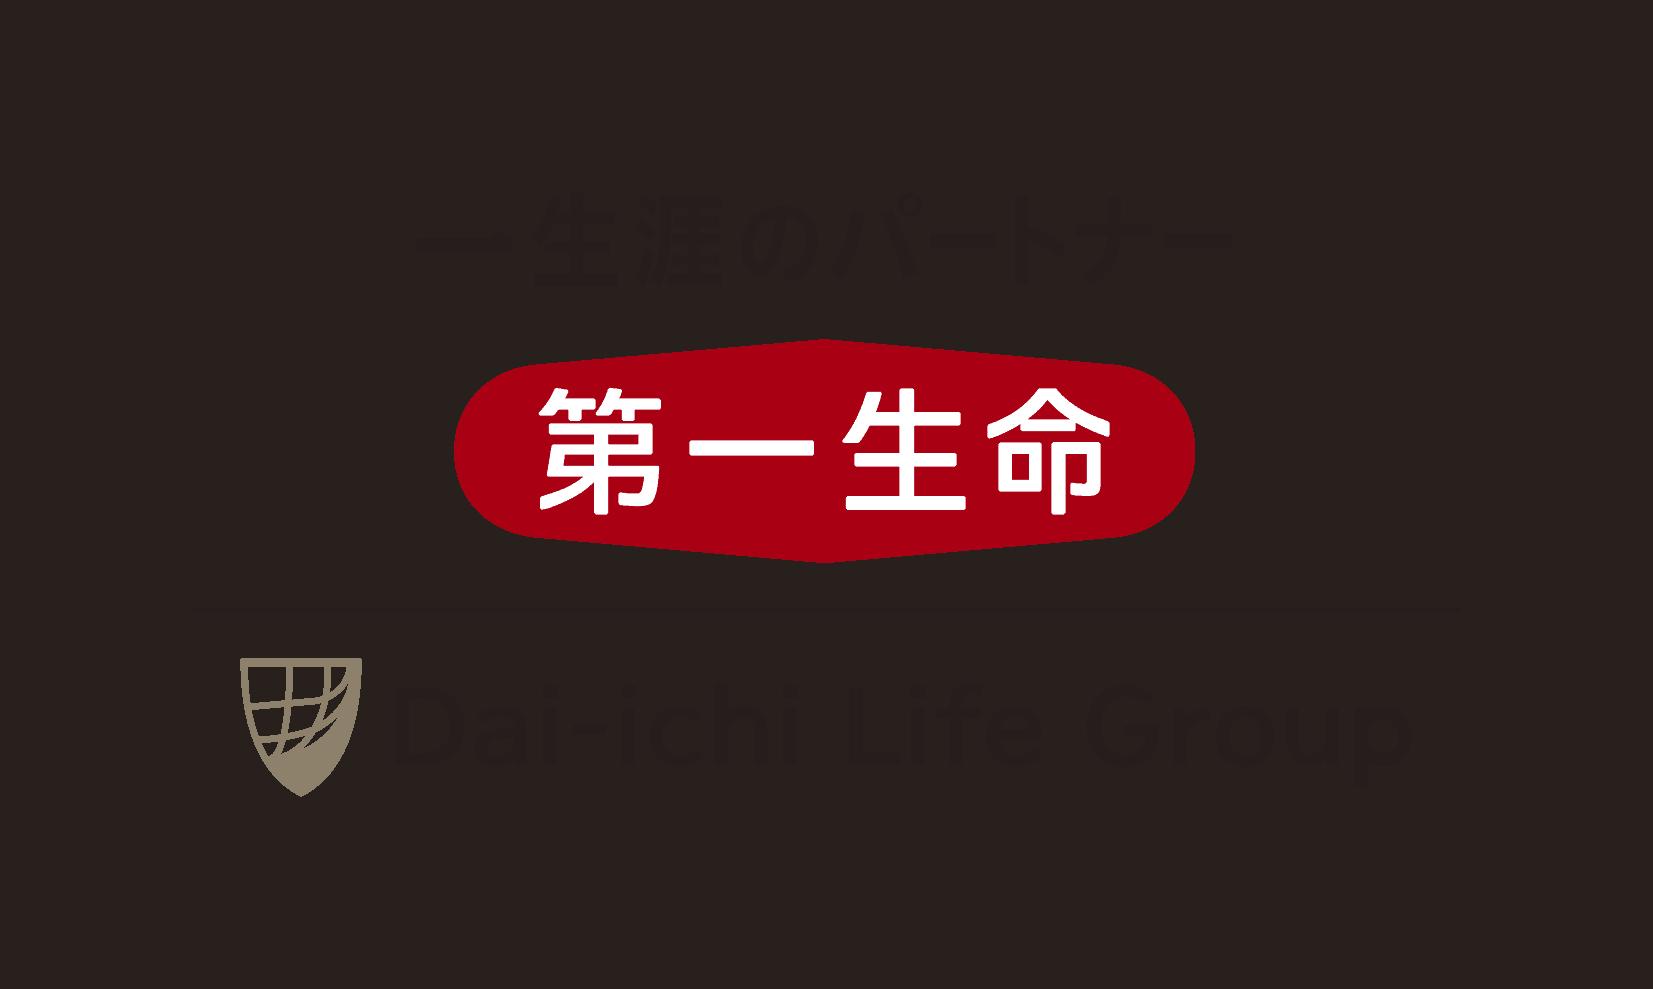 グループ併記ロゴ(縦)